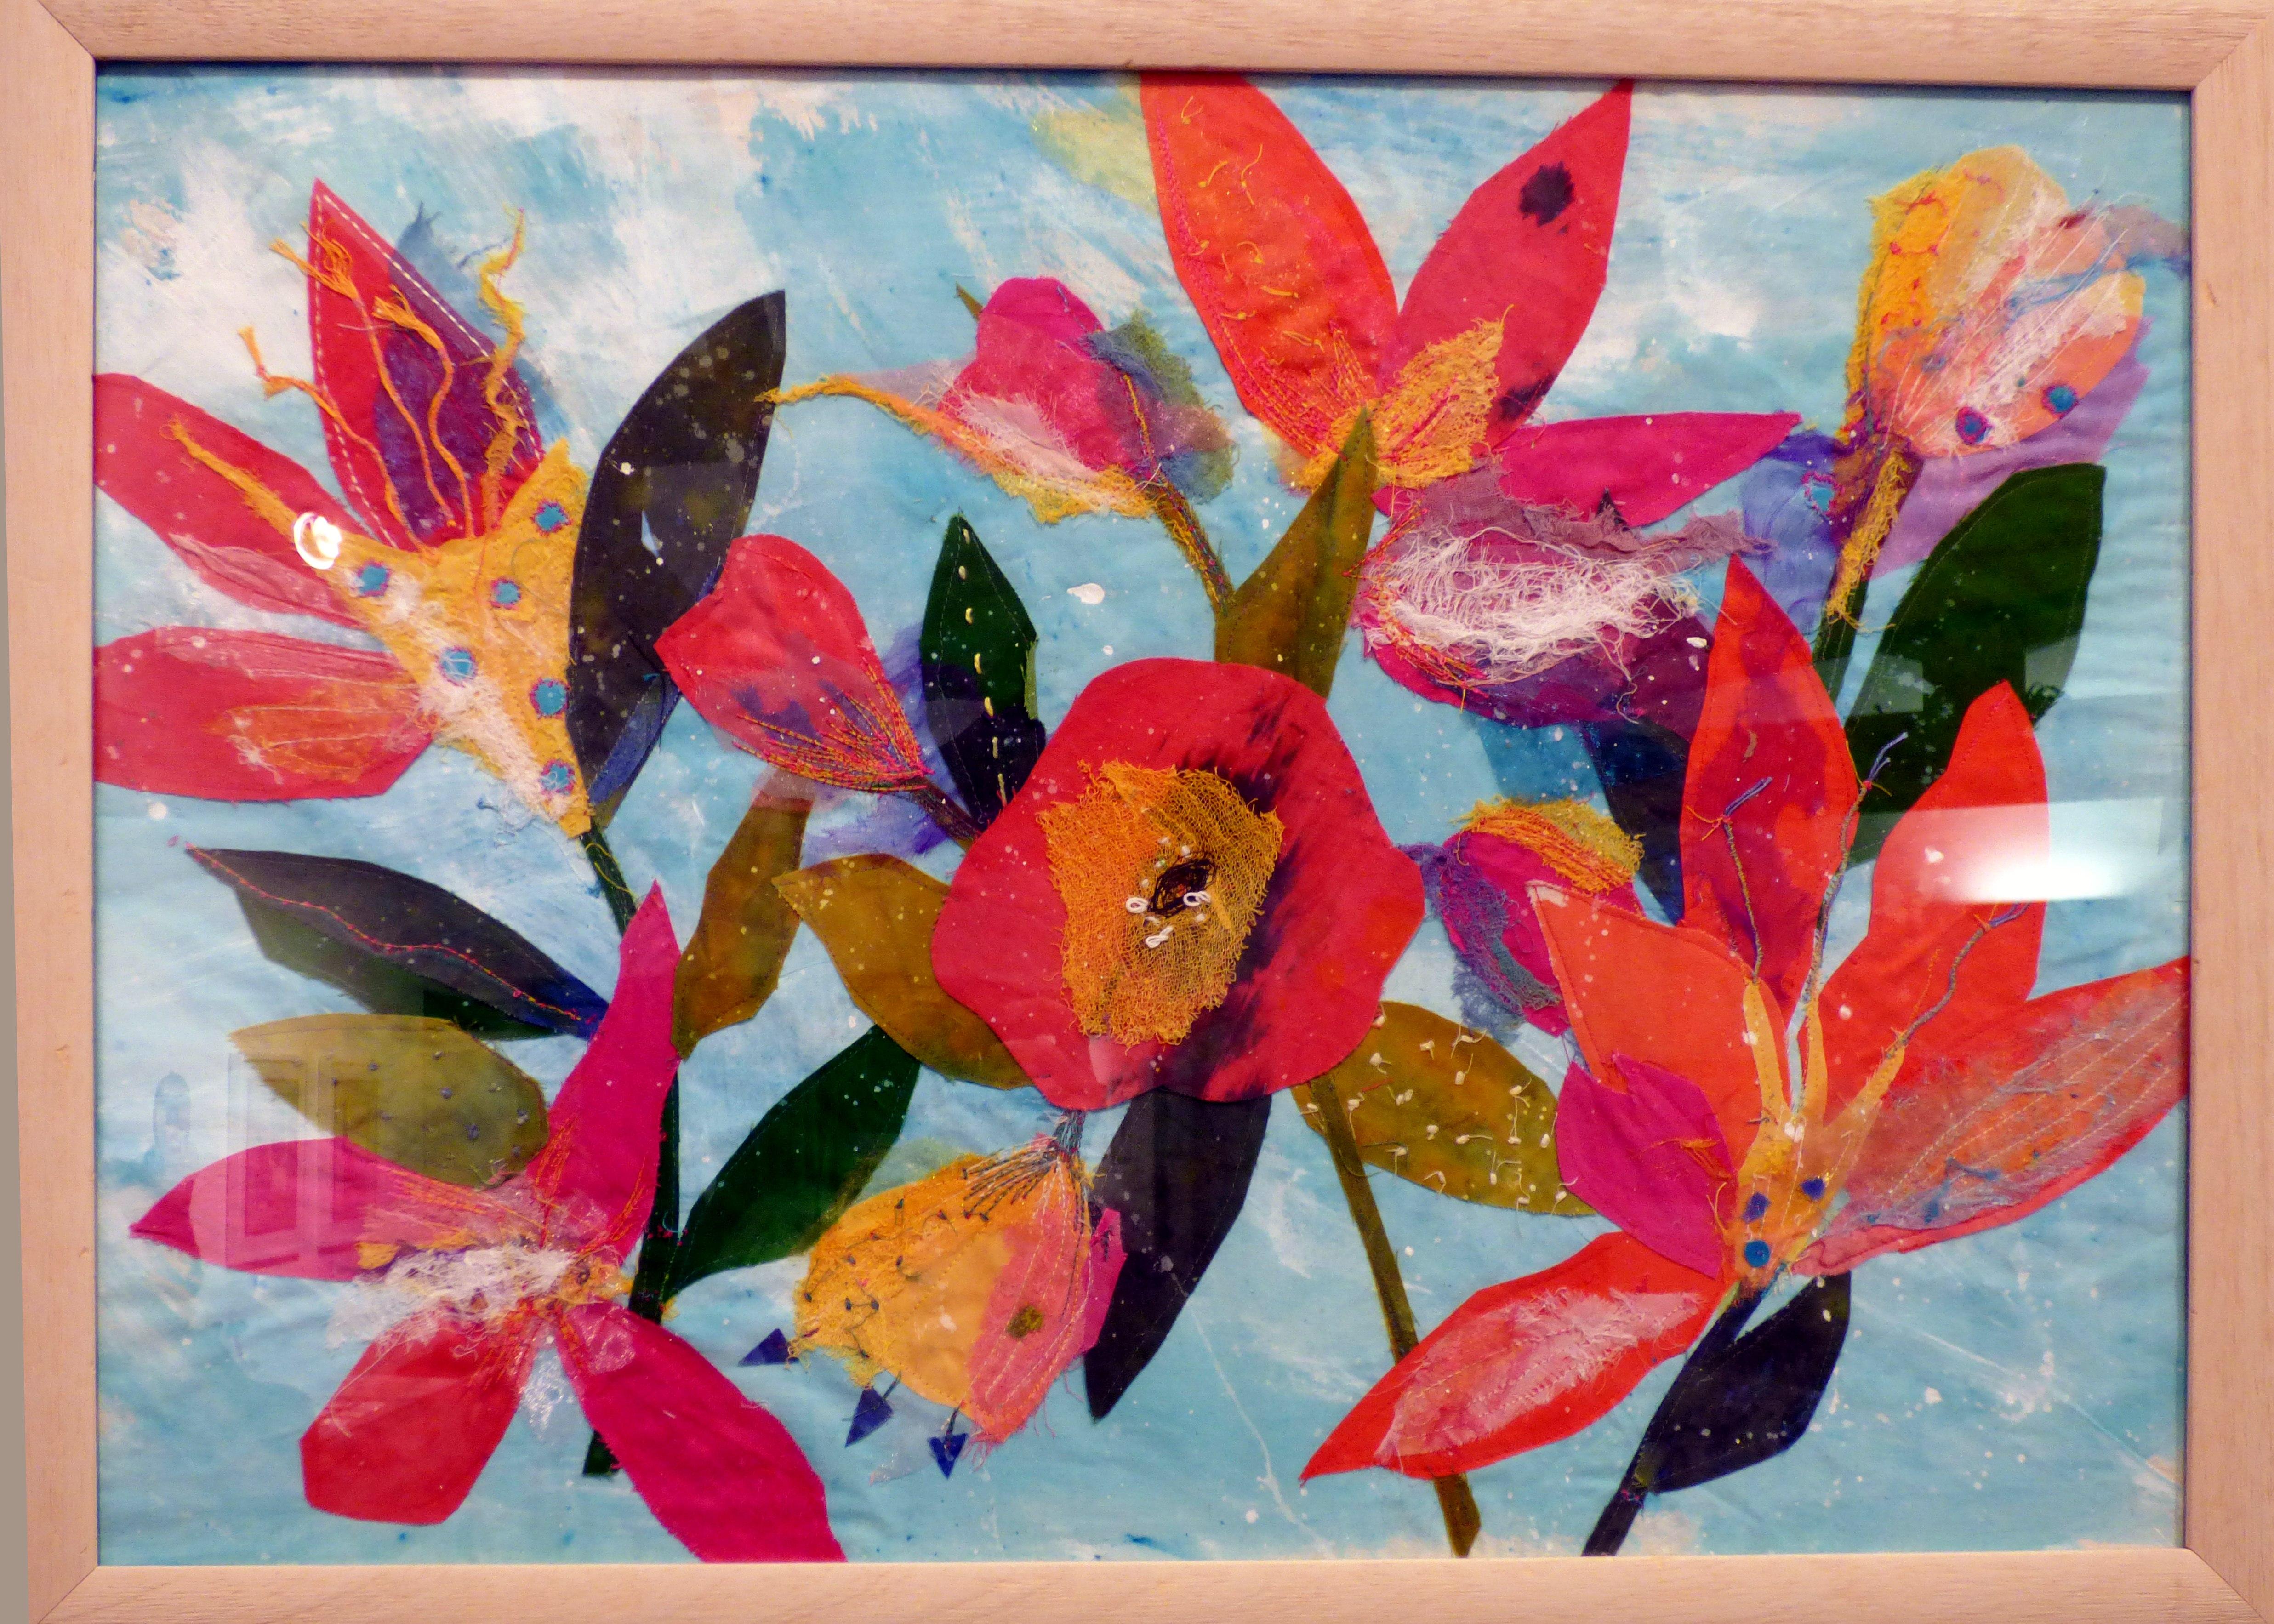 FLOWERS by Liliane Taylor, Ten Plus exhibition, Nantwich